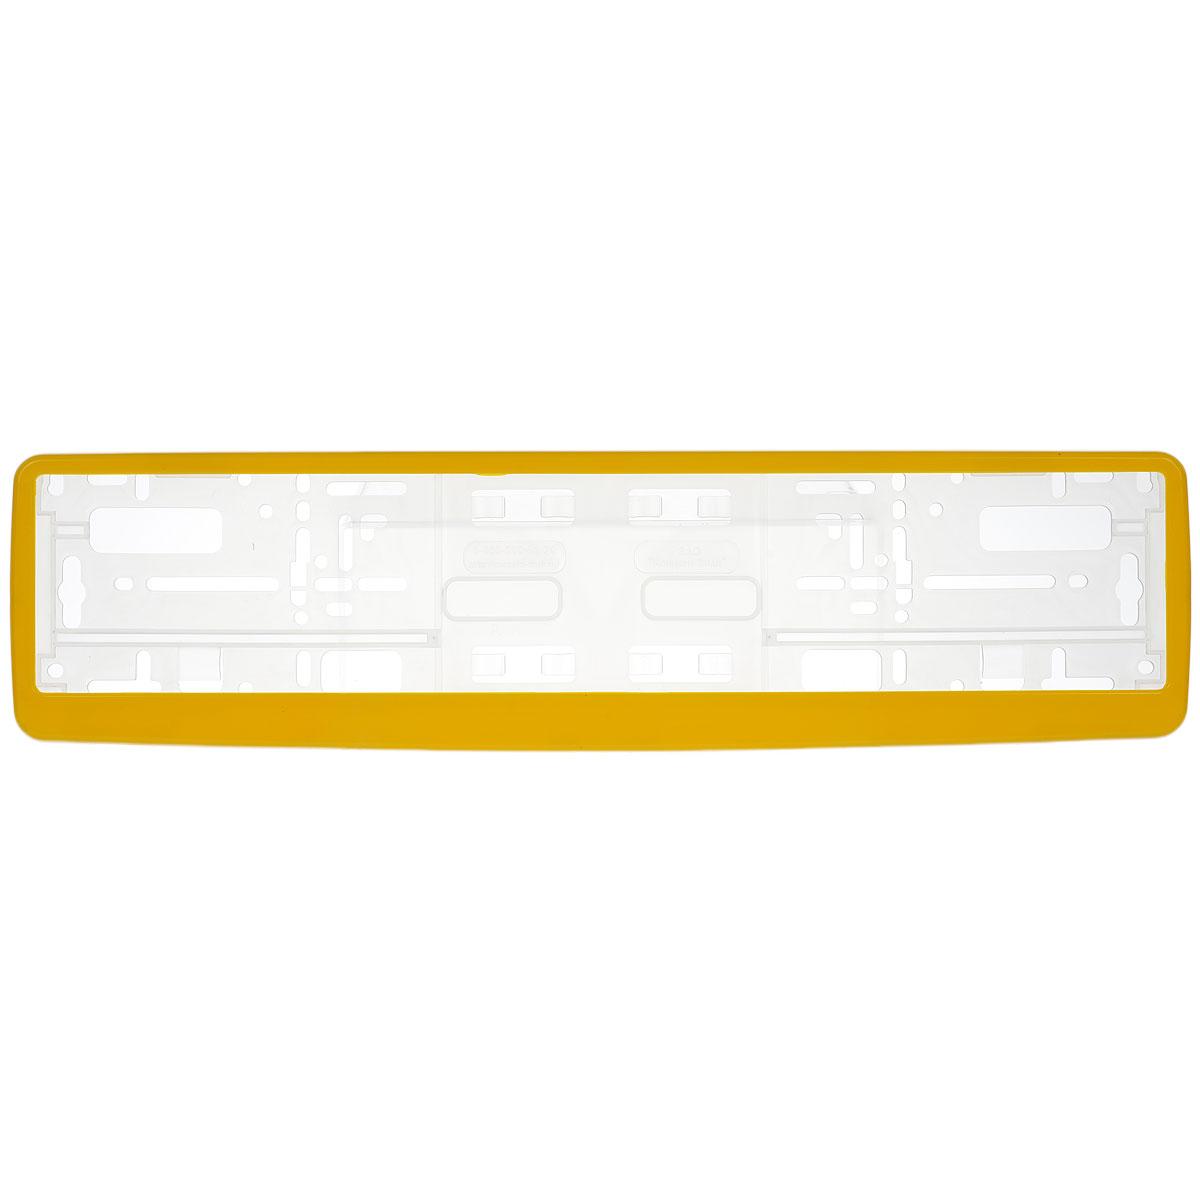 Рамка под номер Концерн Знак, цвет: желтыйAGR-35Рамка Концерн Знак не только закрепит регистрационный знак на вашем автомобиле, но и красиво его оформит. Основание рамки выполнено из полипропилена, материал лицевой панели - пластик.Она предназначена для крепления регистрационного знака российского и европейского образца. Устанавливается на все типы автомобилей. Крепления в комплект не входят.Стильный дизайн идеально впишется в экстерьер вашего автомобиля.Размер рамки: 53,5 см х 13,5 см. Размер регистрационного знака: 52,5 см х 11,5 см.